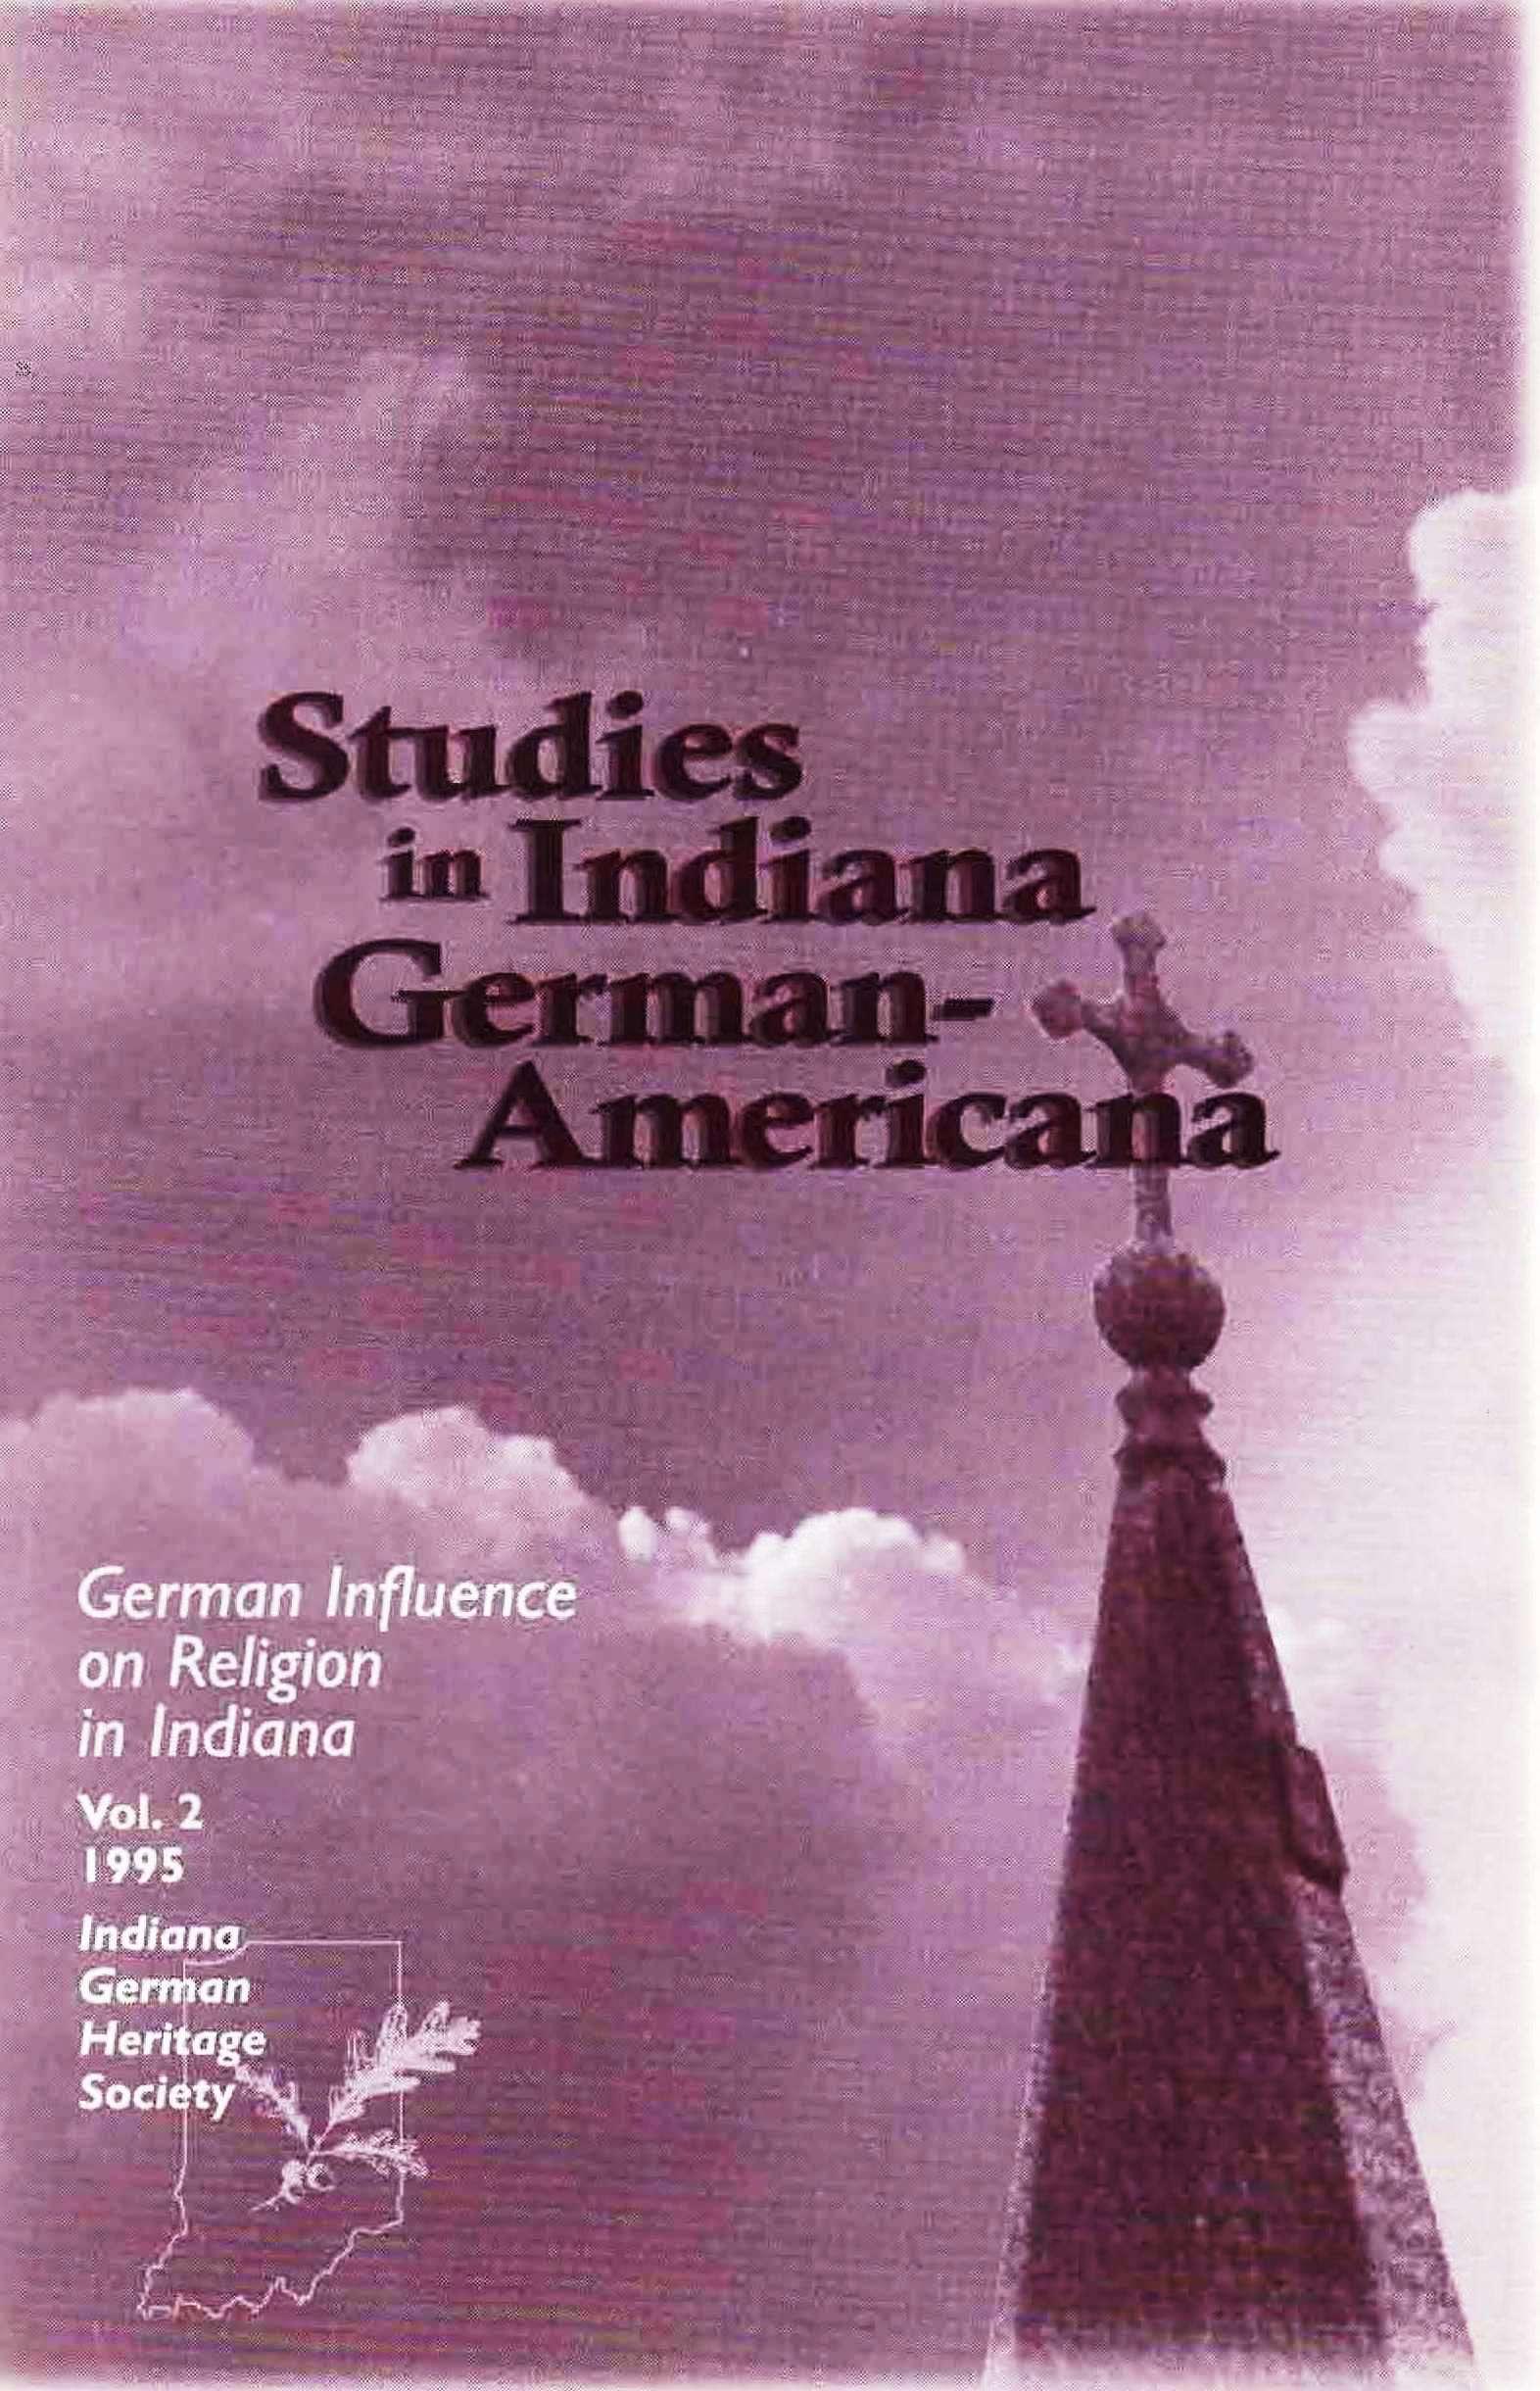 Studies in German-Americana, Vol. 2